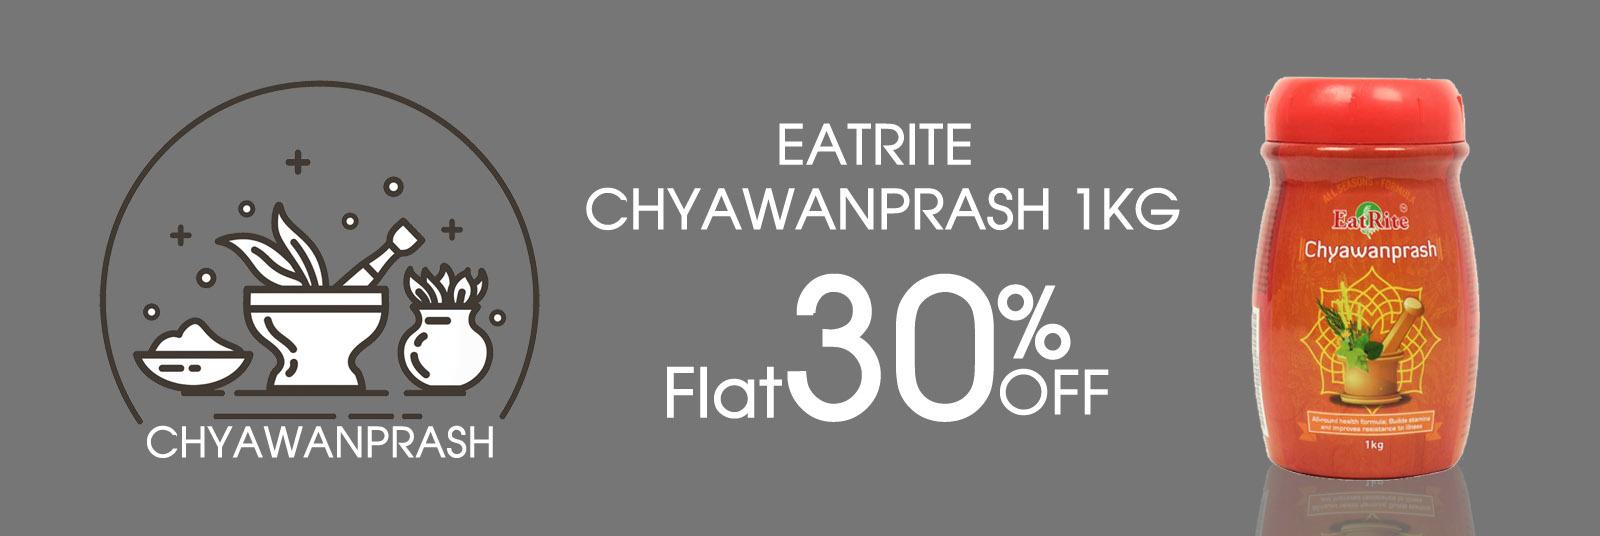 Eatrite Chyawanprash